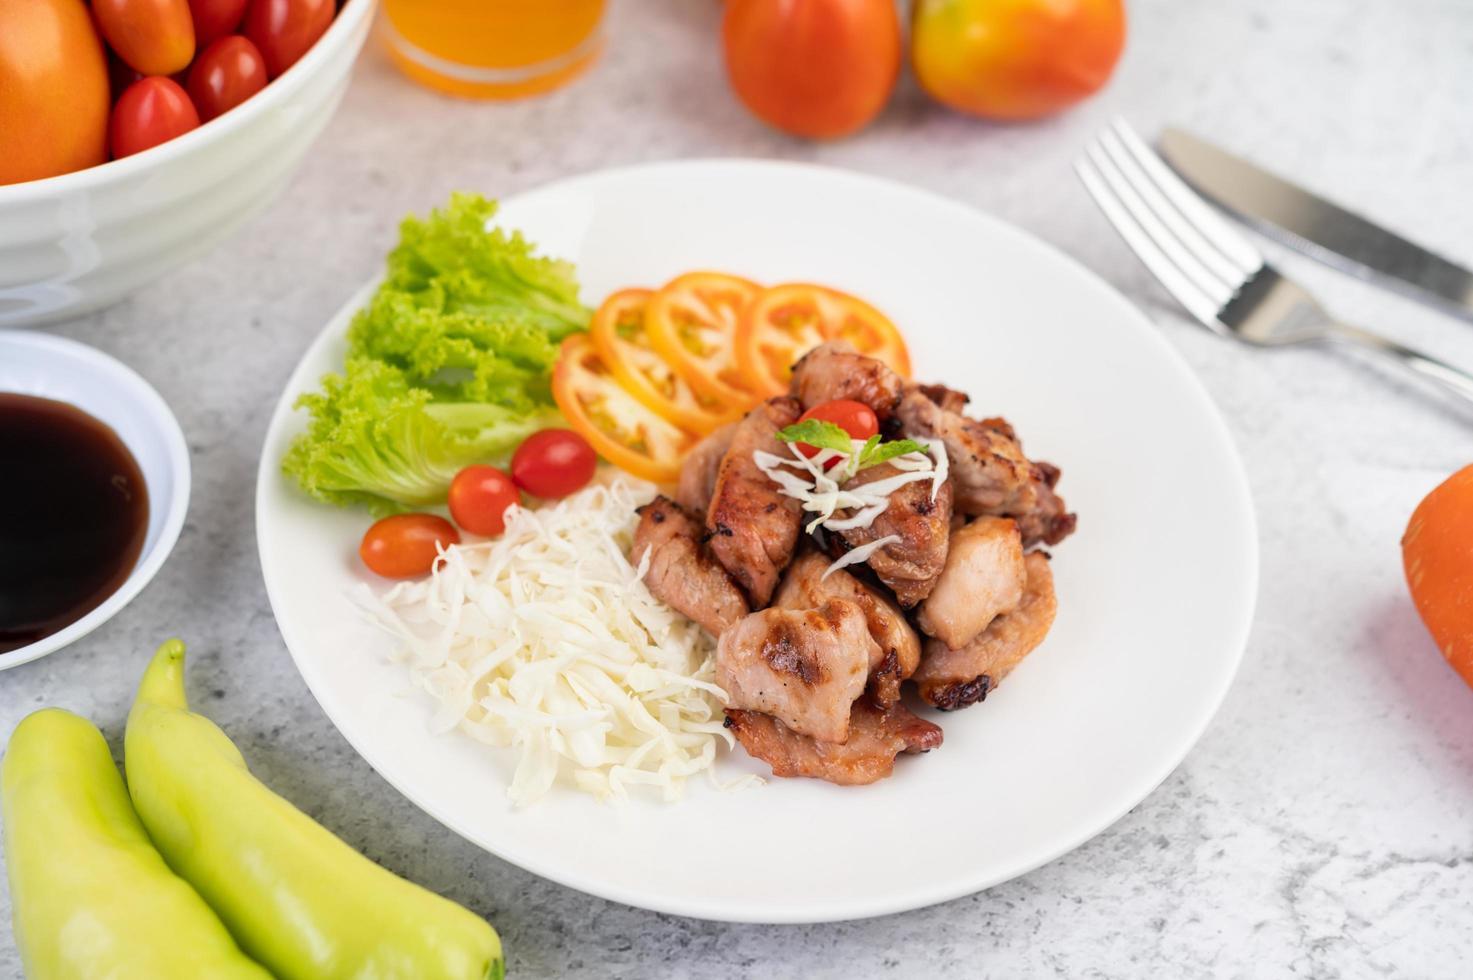 Chuleta de cerdo a la plancha con tomate y ensalada foto